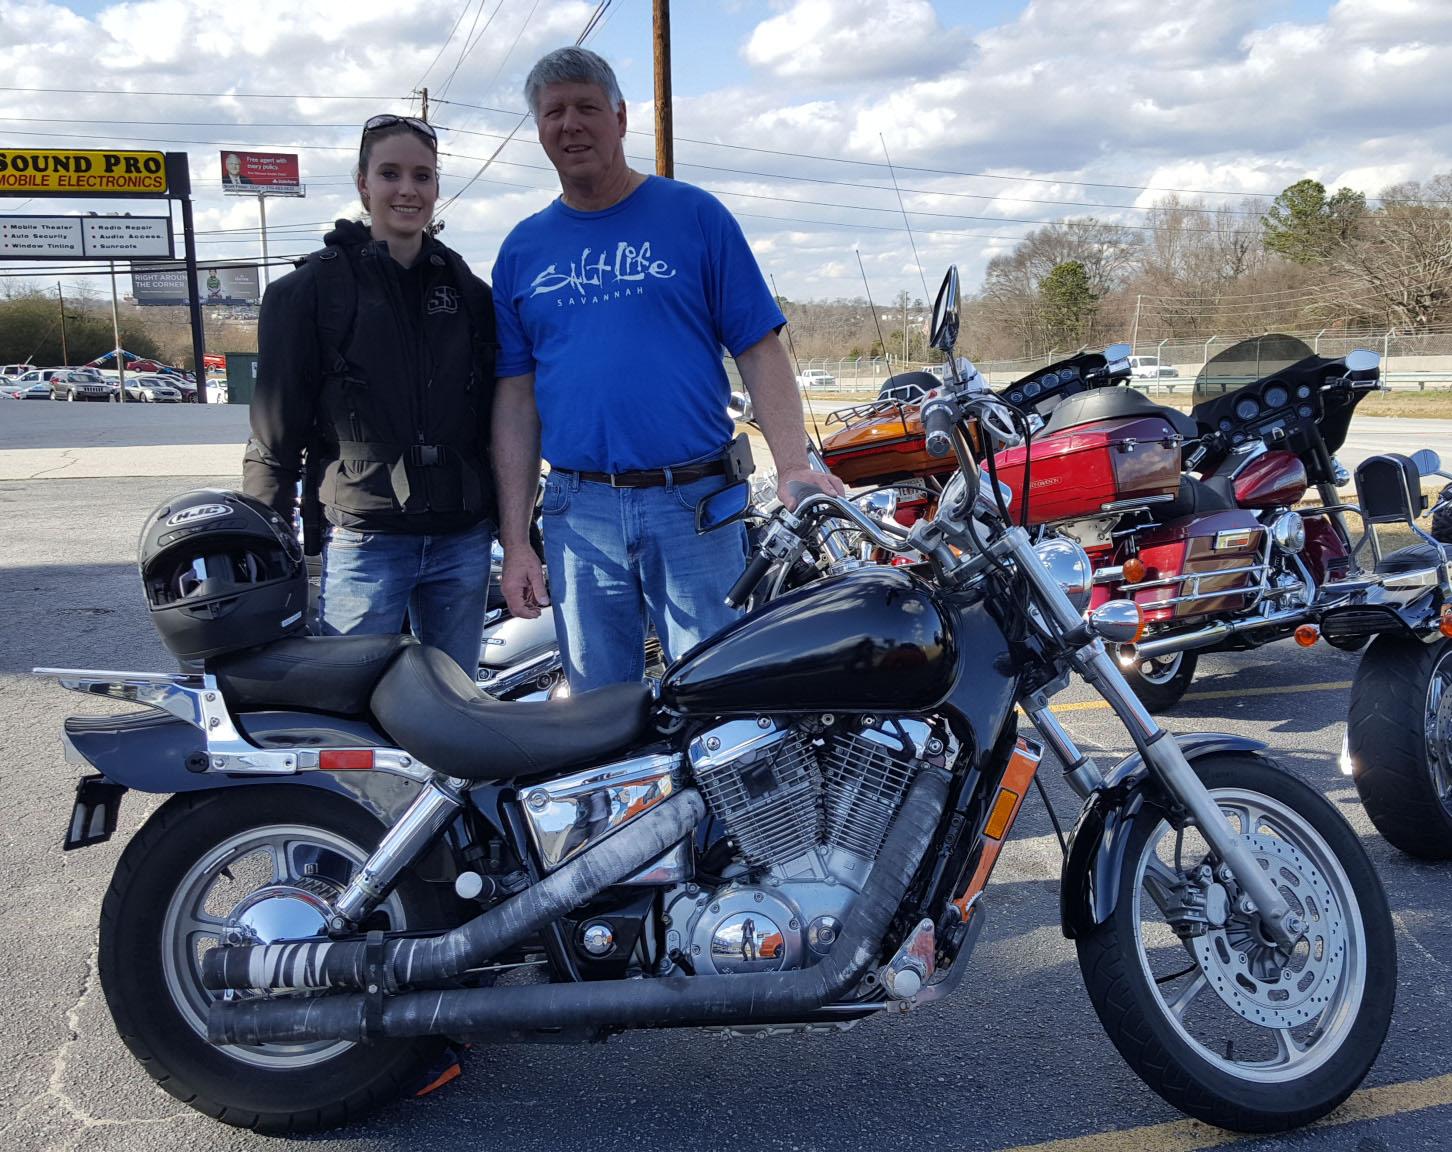 William C. with his 2003 Honda Shadow Spirit VT1100C